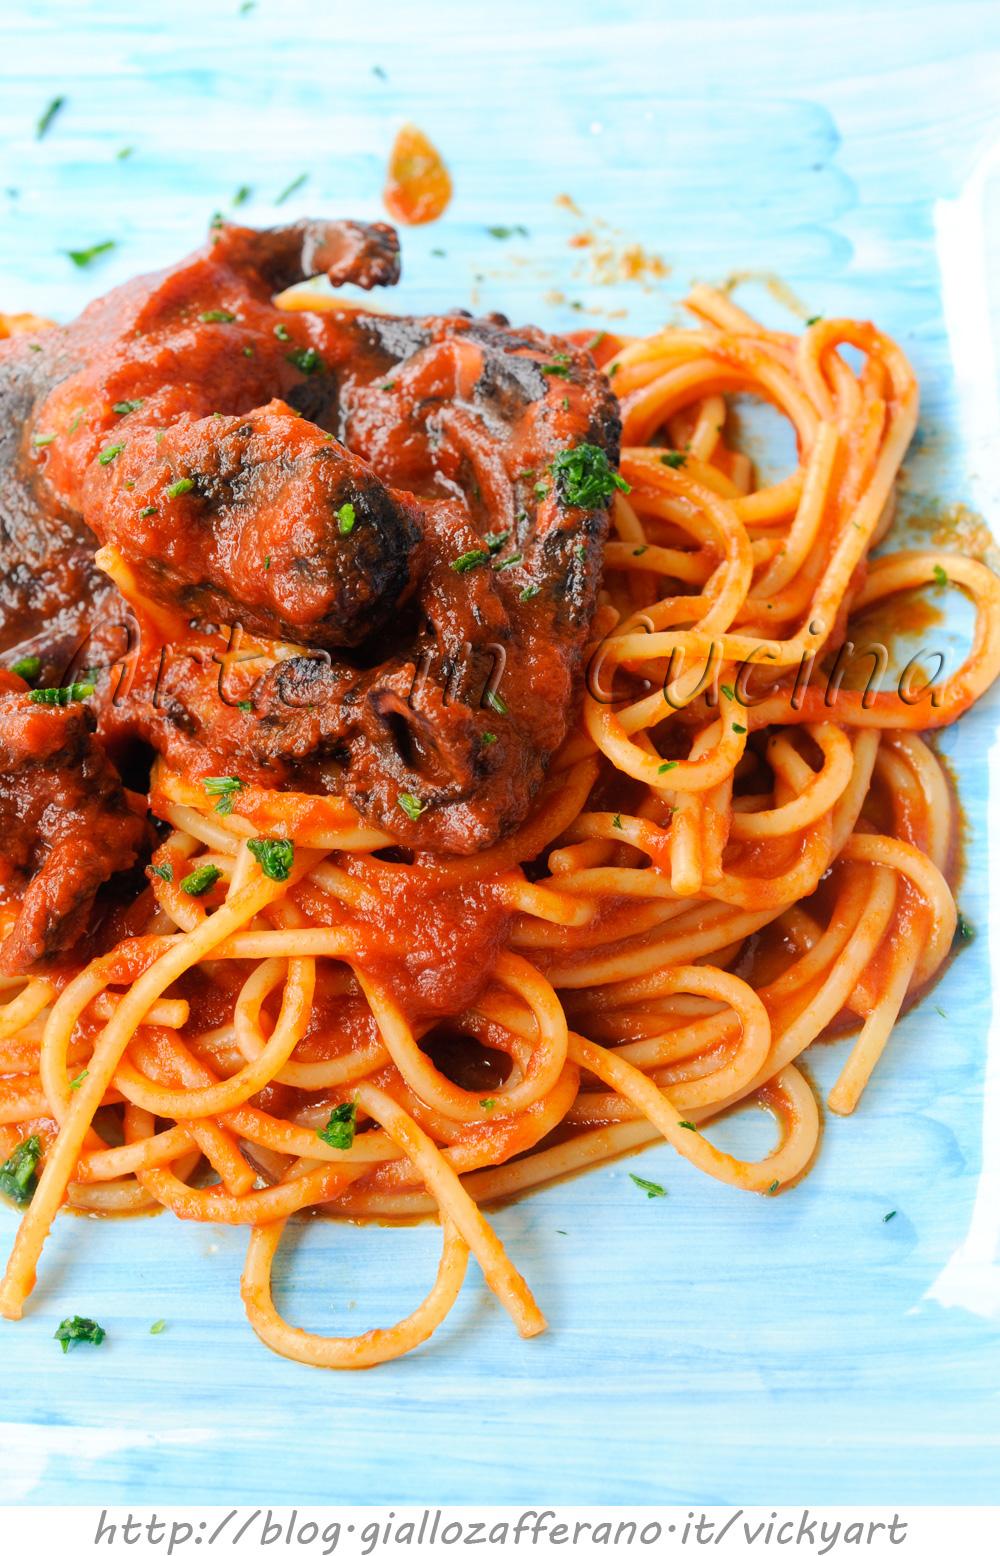 Spaghetti al sugo di polpo ricetta facile for Cucina facile ricette